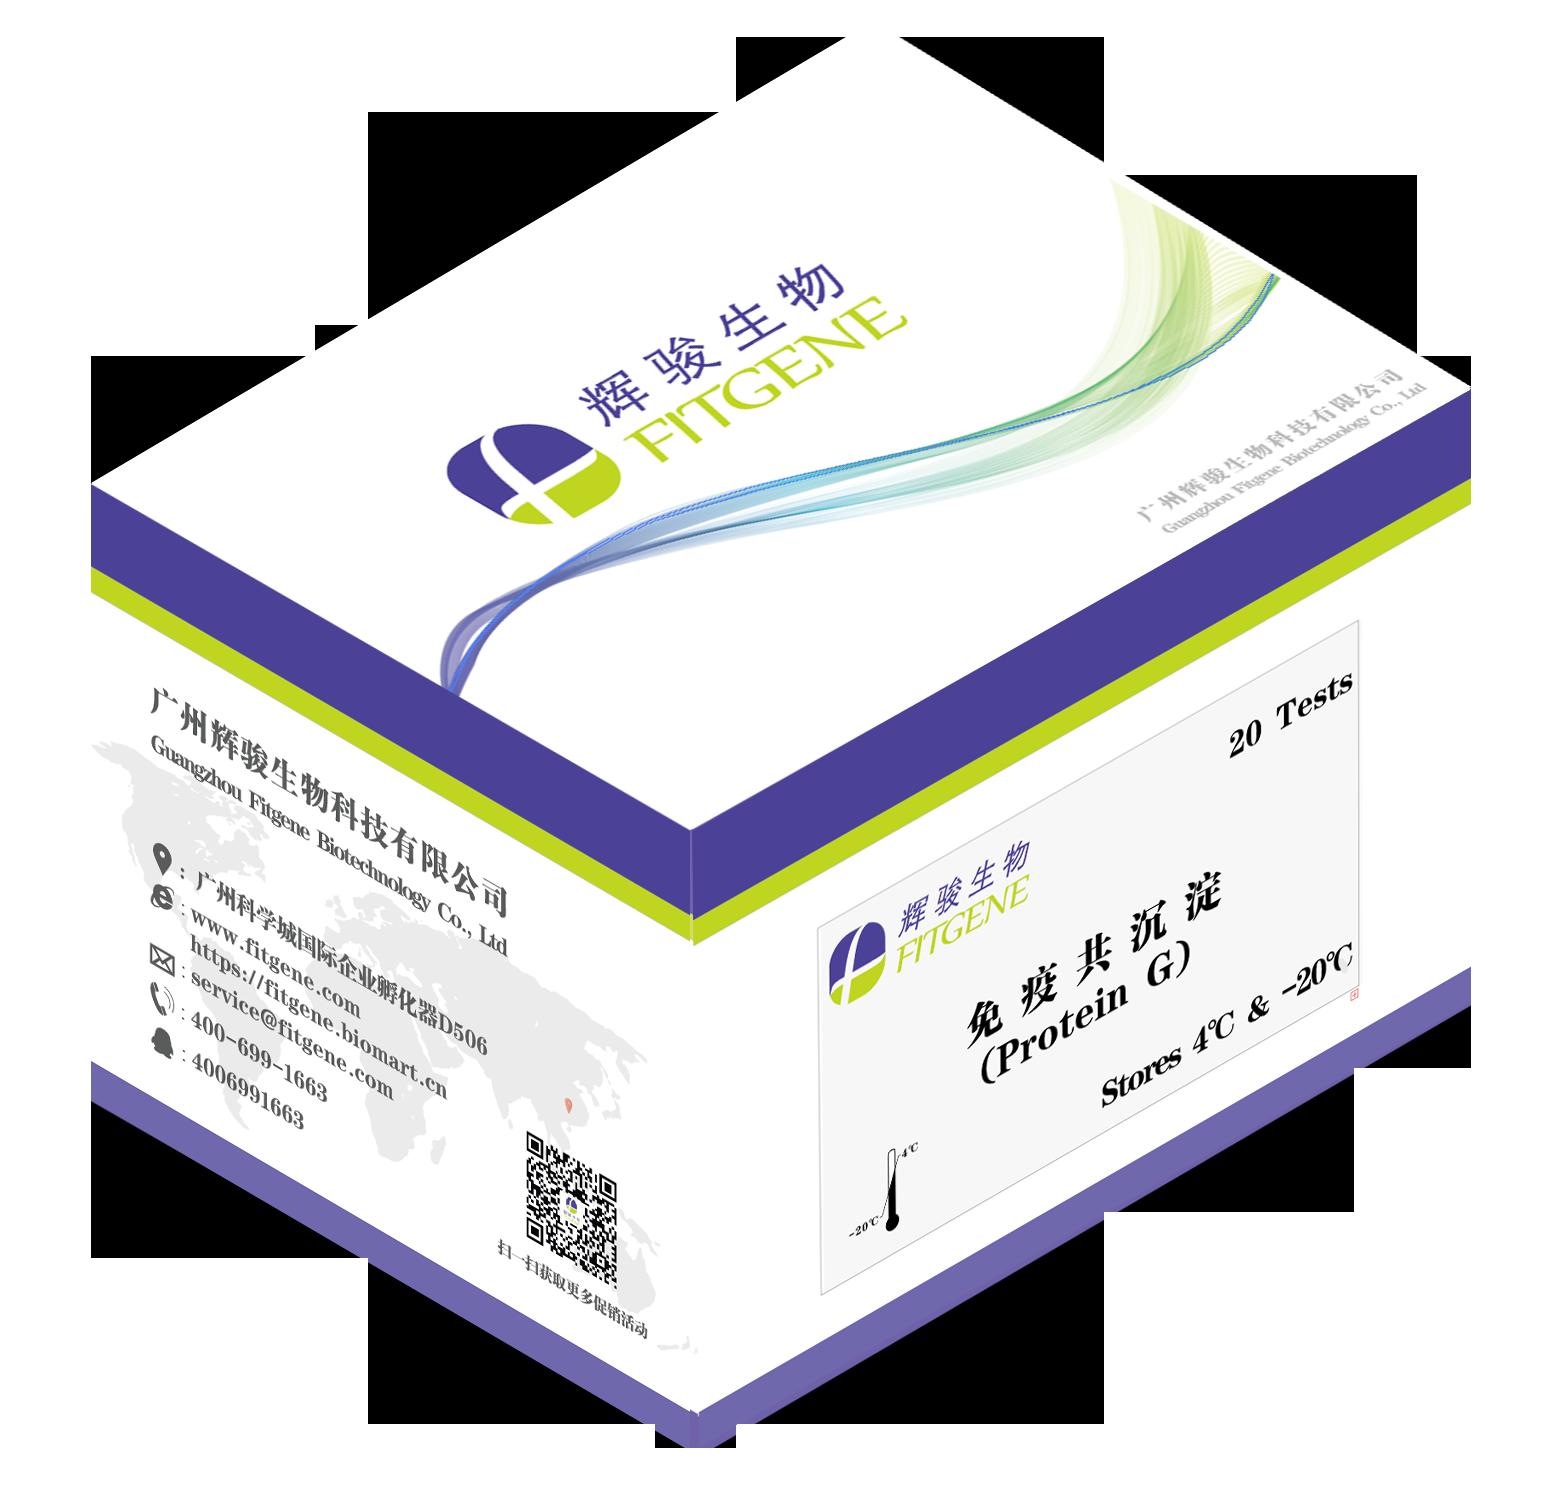 辉骏生物:免疫沉淀/免疫共沉淀试剂盒(ProteinG)